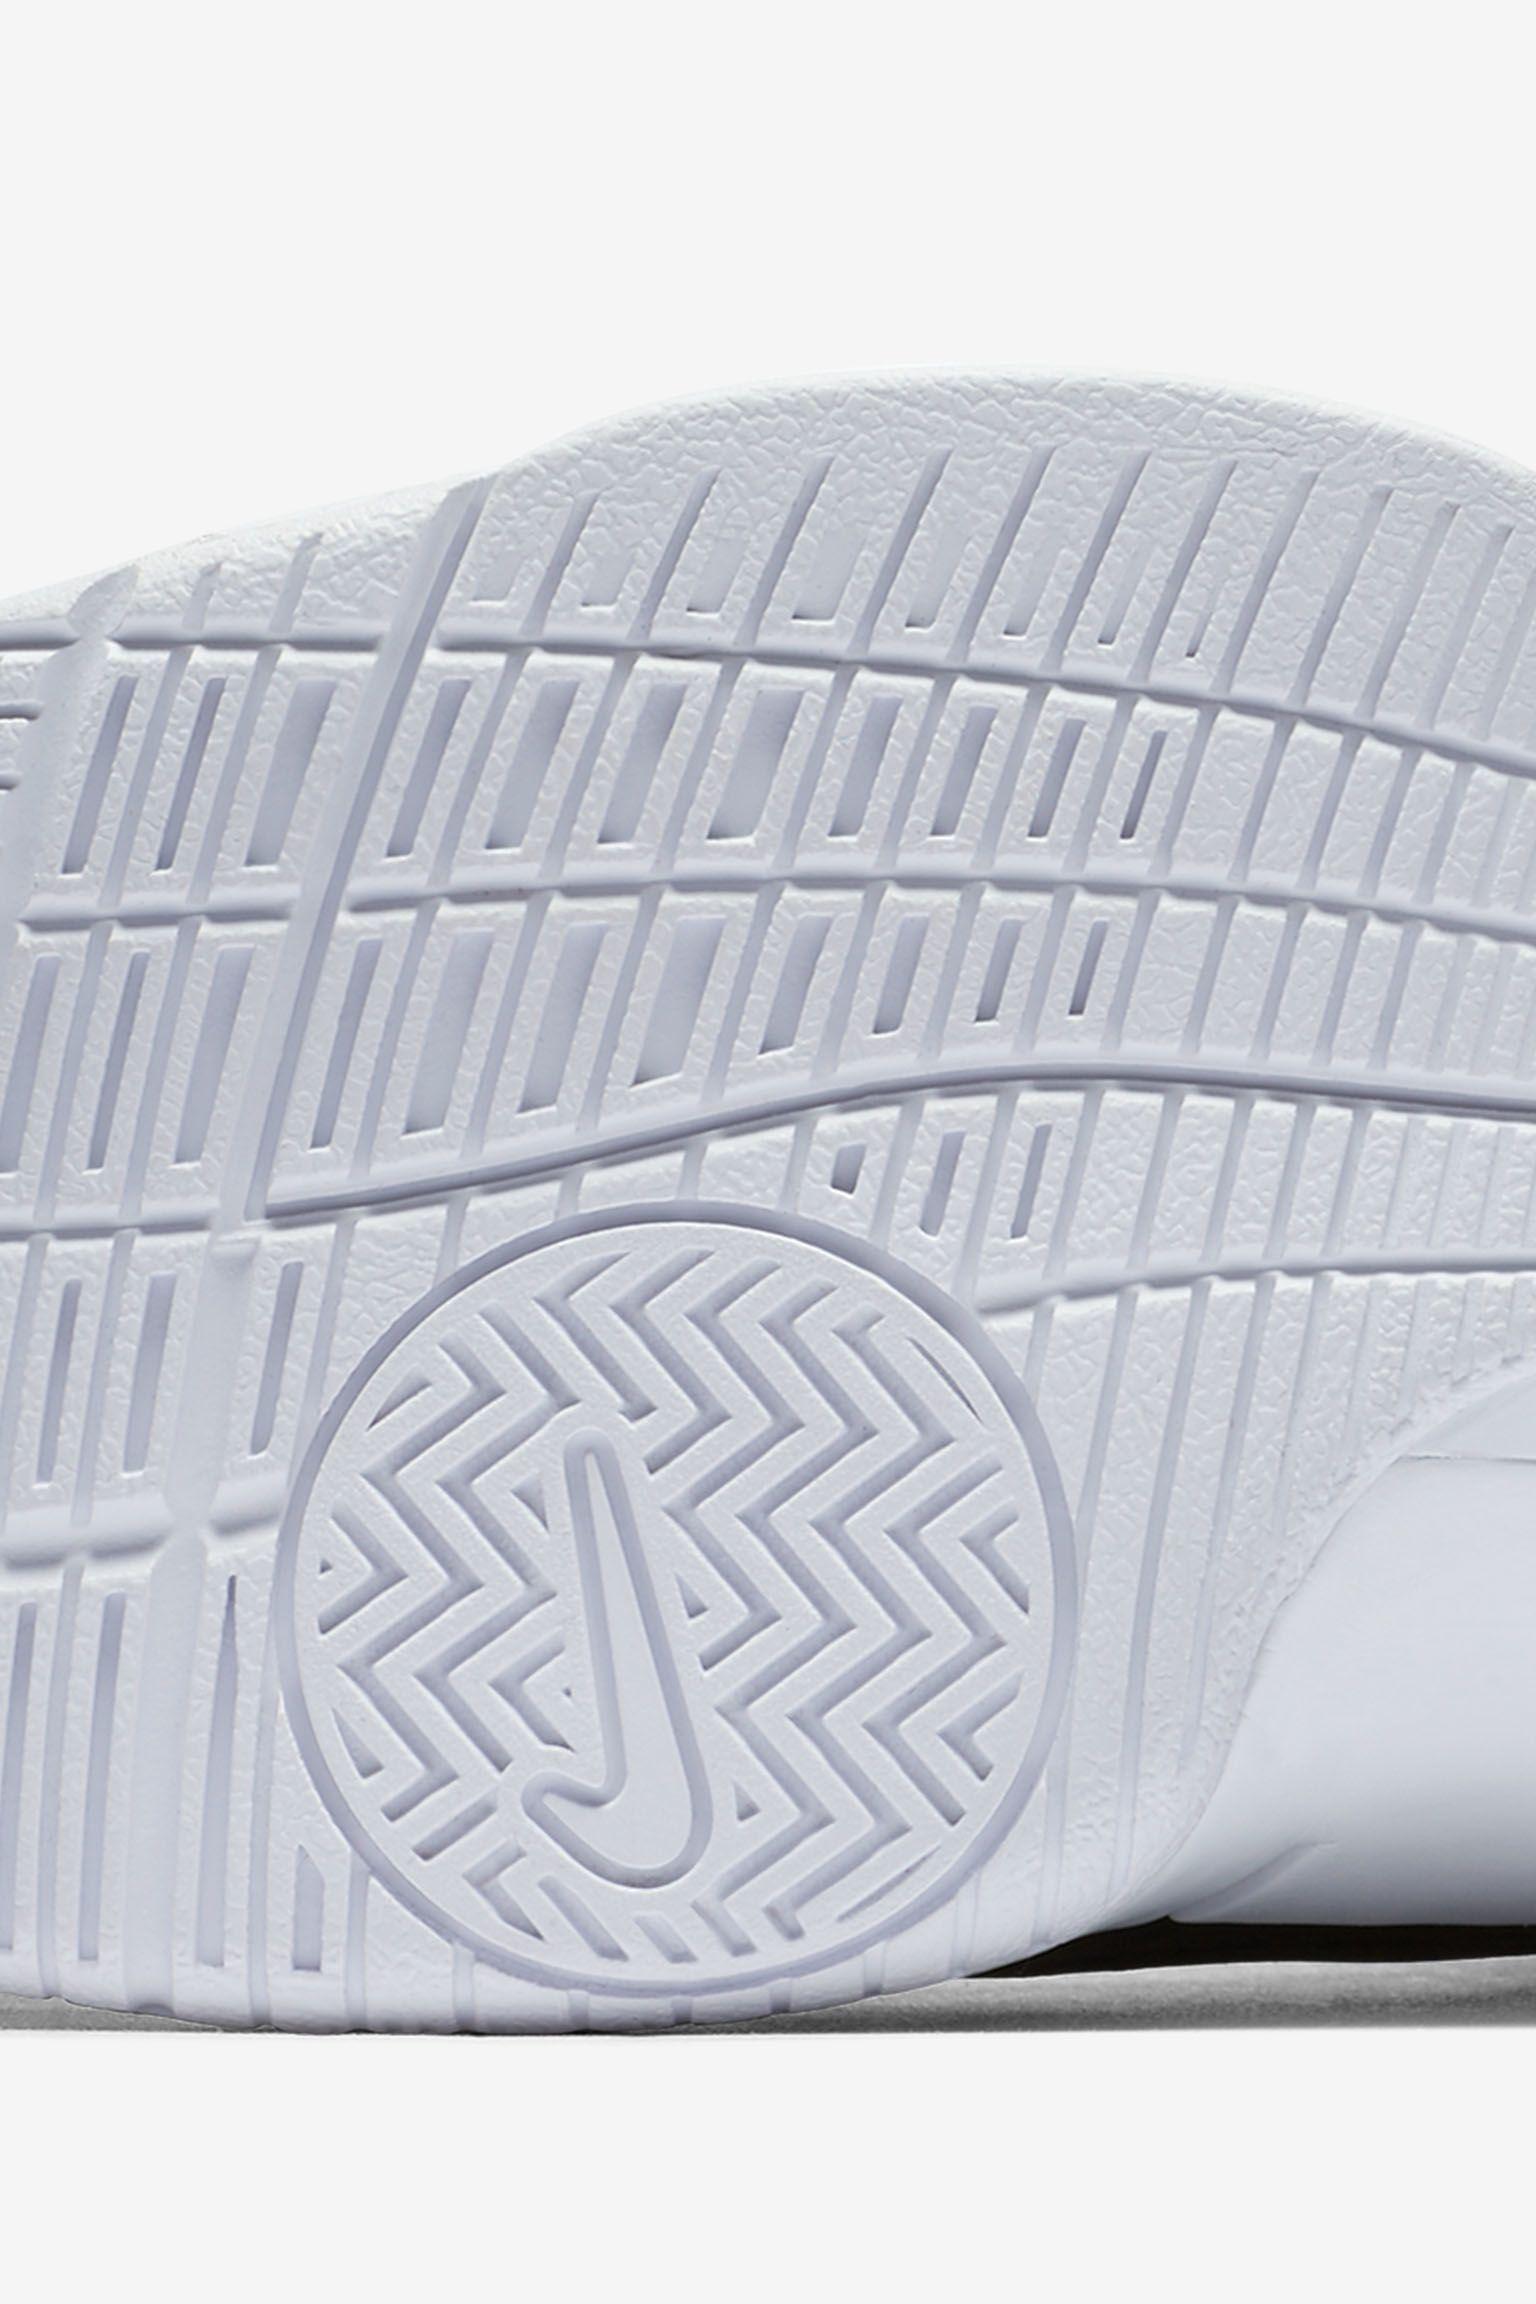 Nike Hyperdunk Lux 'Off-Court Luxury' Release Date